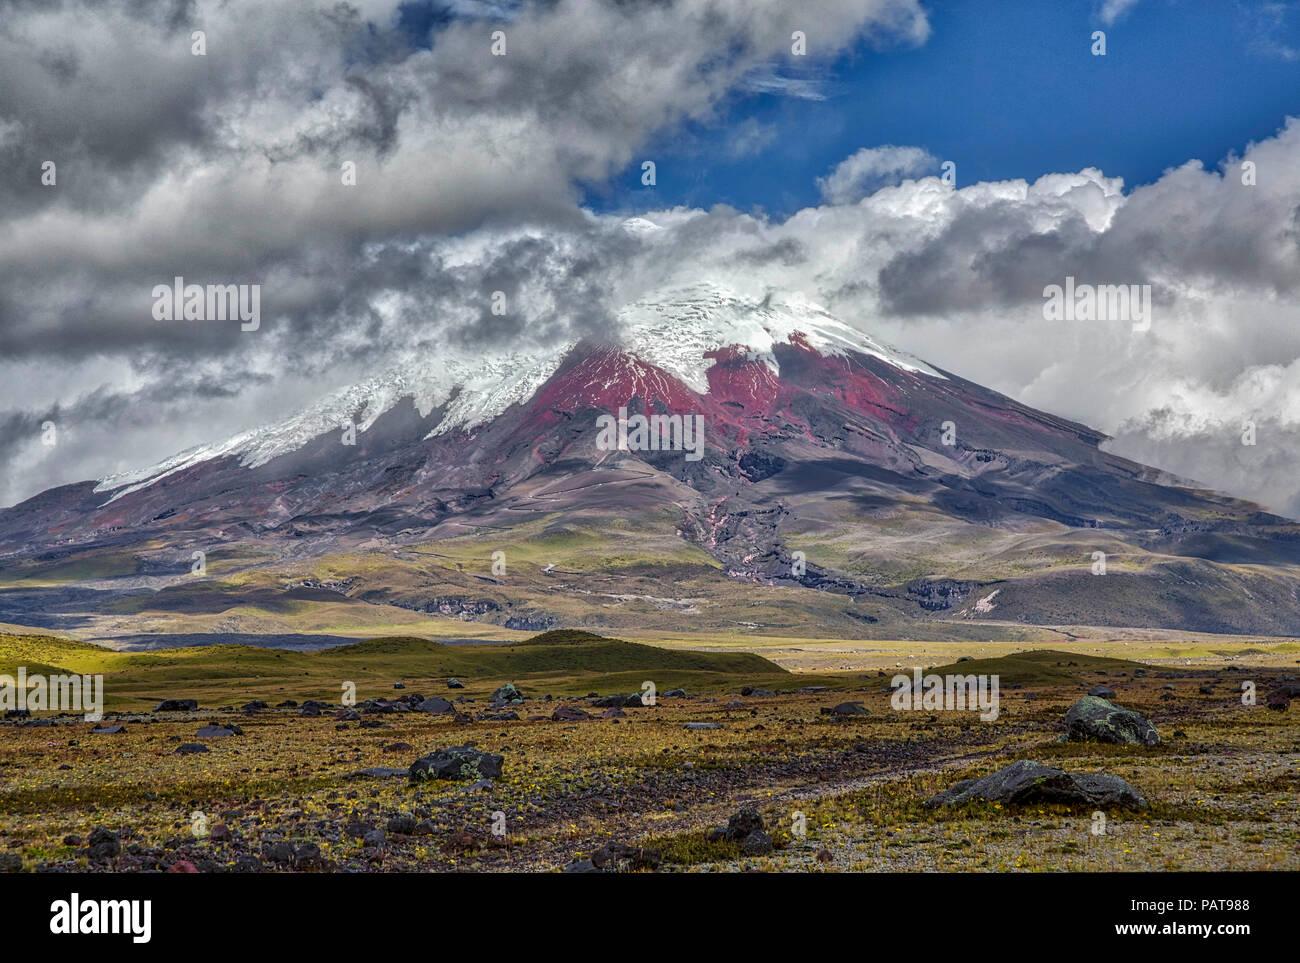 El volcán Cotopaxi en Ecuador Imagen De Stock